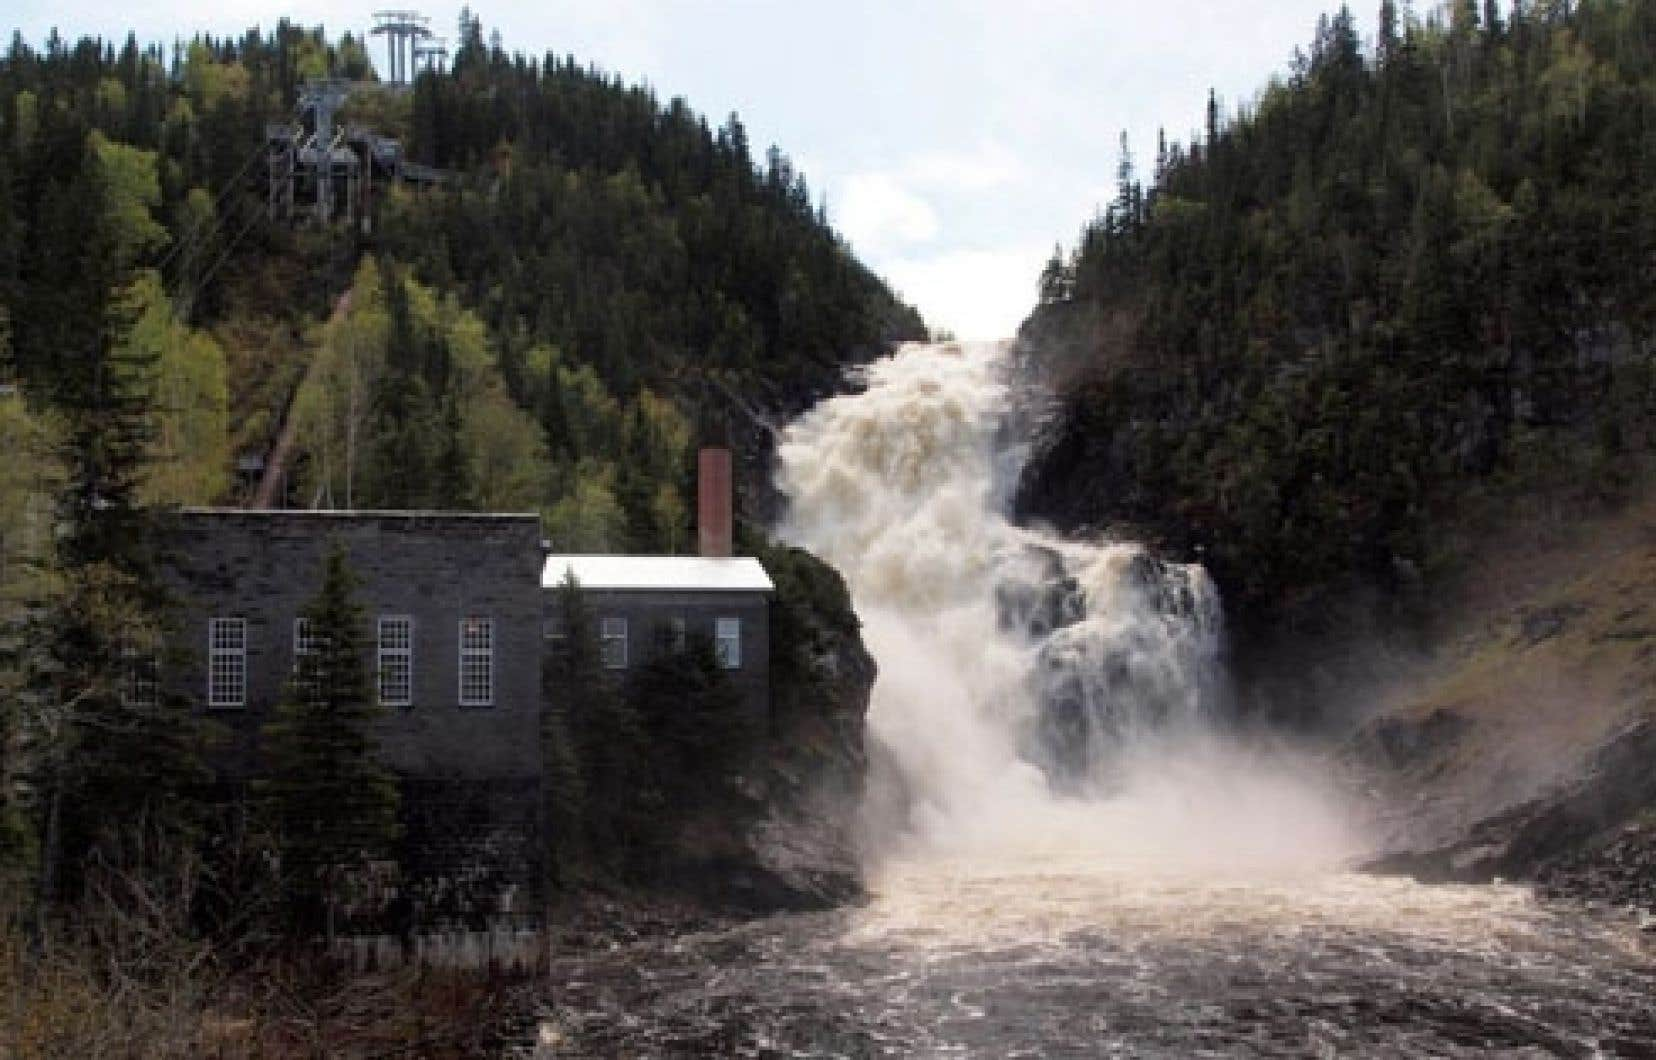 L'idée de construire un barrage sur la rivière Ouiatchouan a refait surface à la suite de la décision du gouvernement Charest, en 2009, de permettre le développement de nouveaux projets hydroélectriques communautaires ou autochtones.